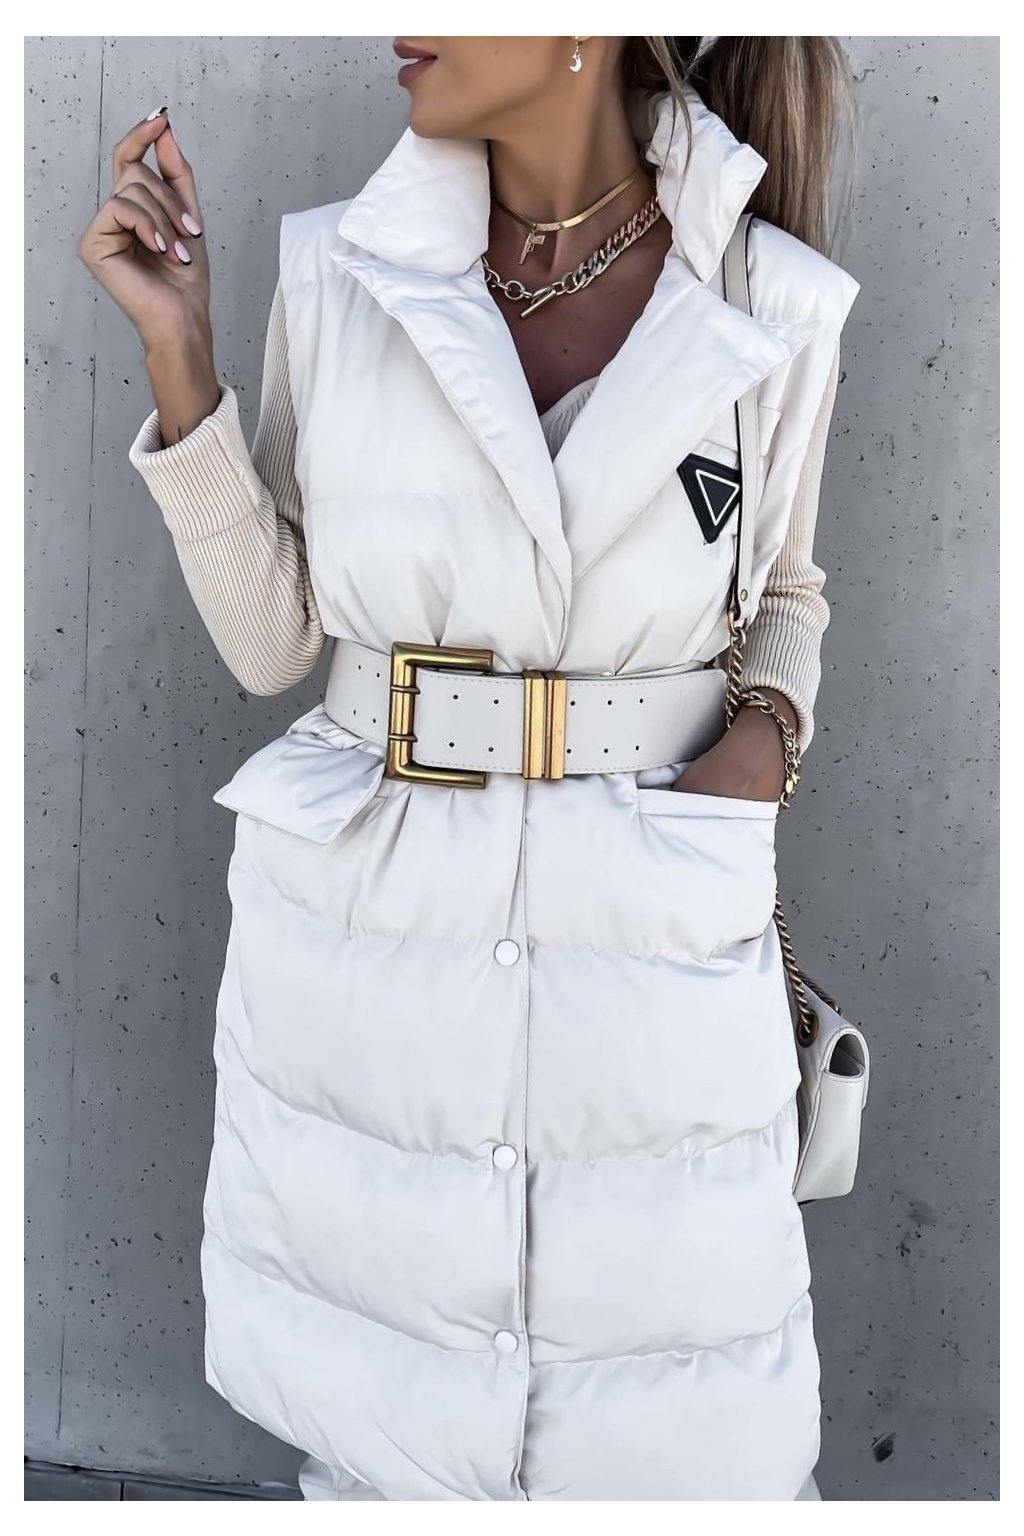 Luxusní bílá vesta Fashionista